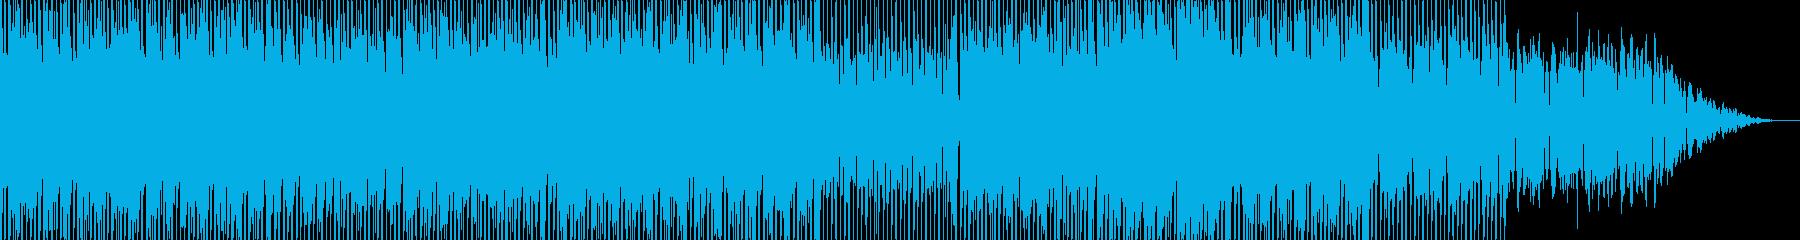 爽やかなフルートがメロディーのエレクトロの再生済みの波形